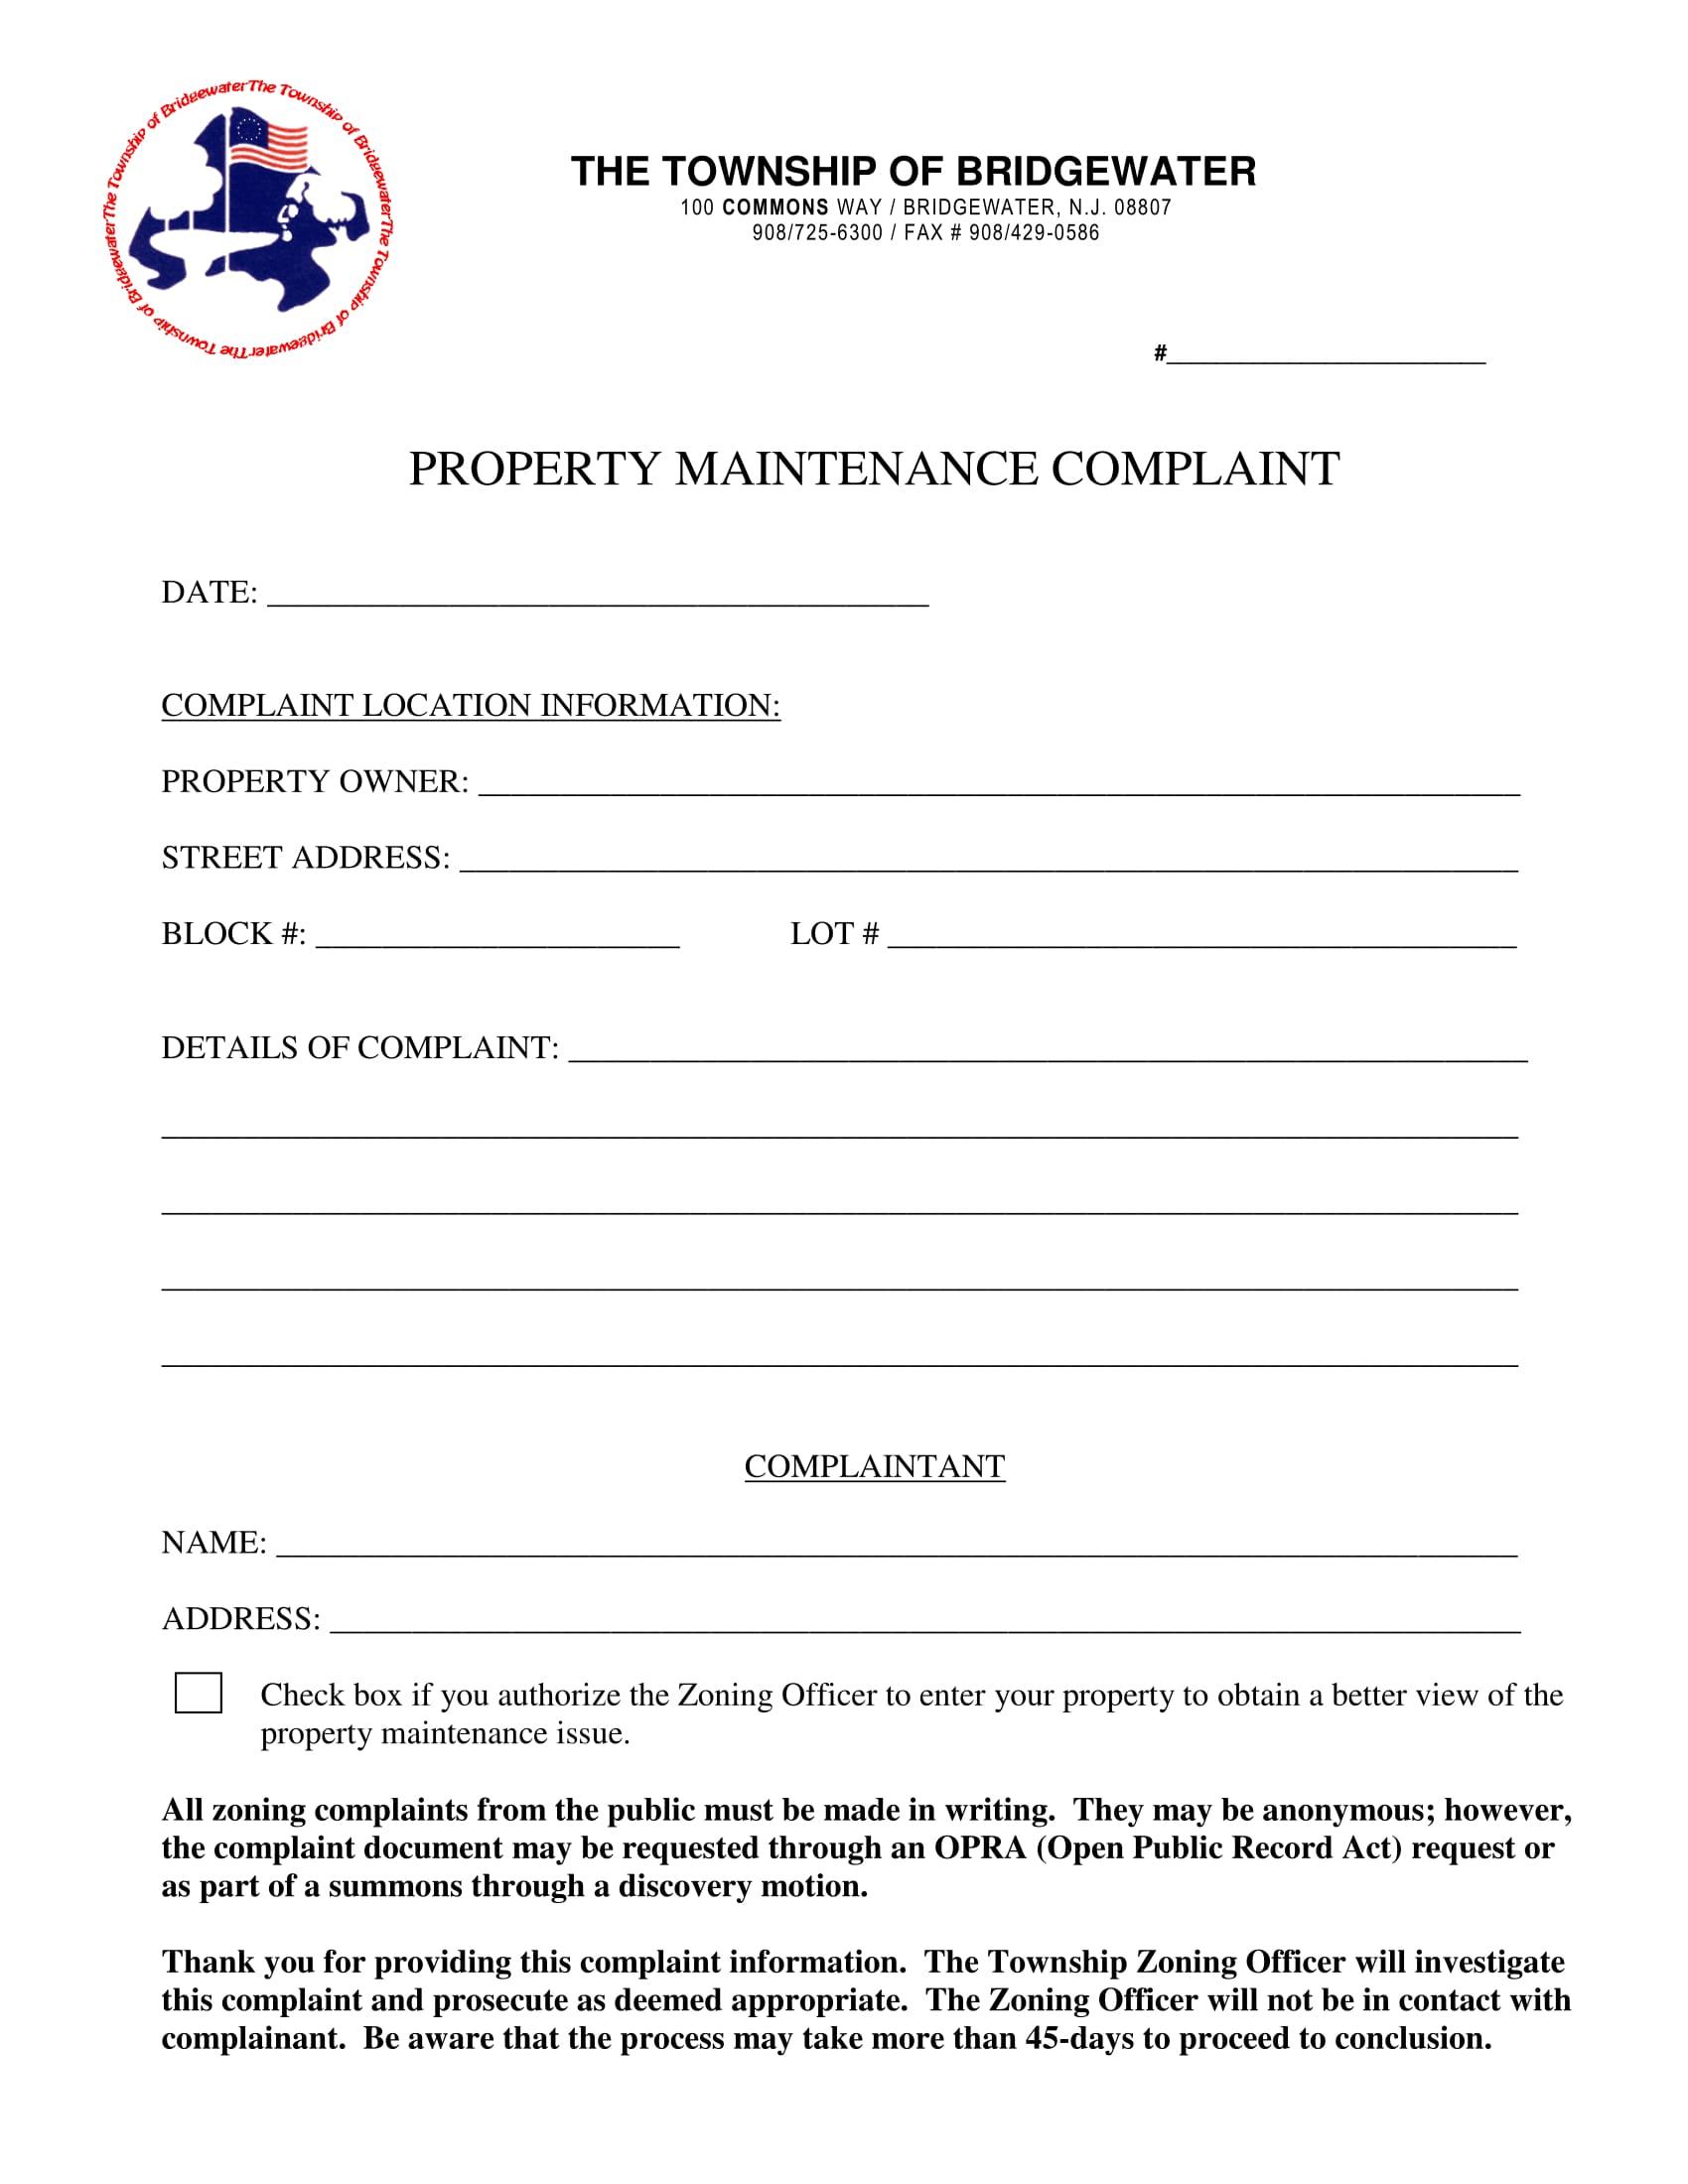 property maintenance 1